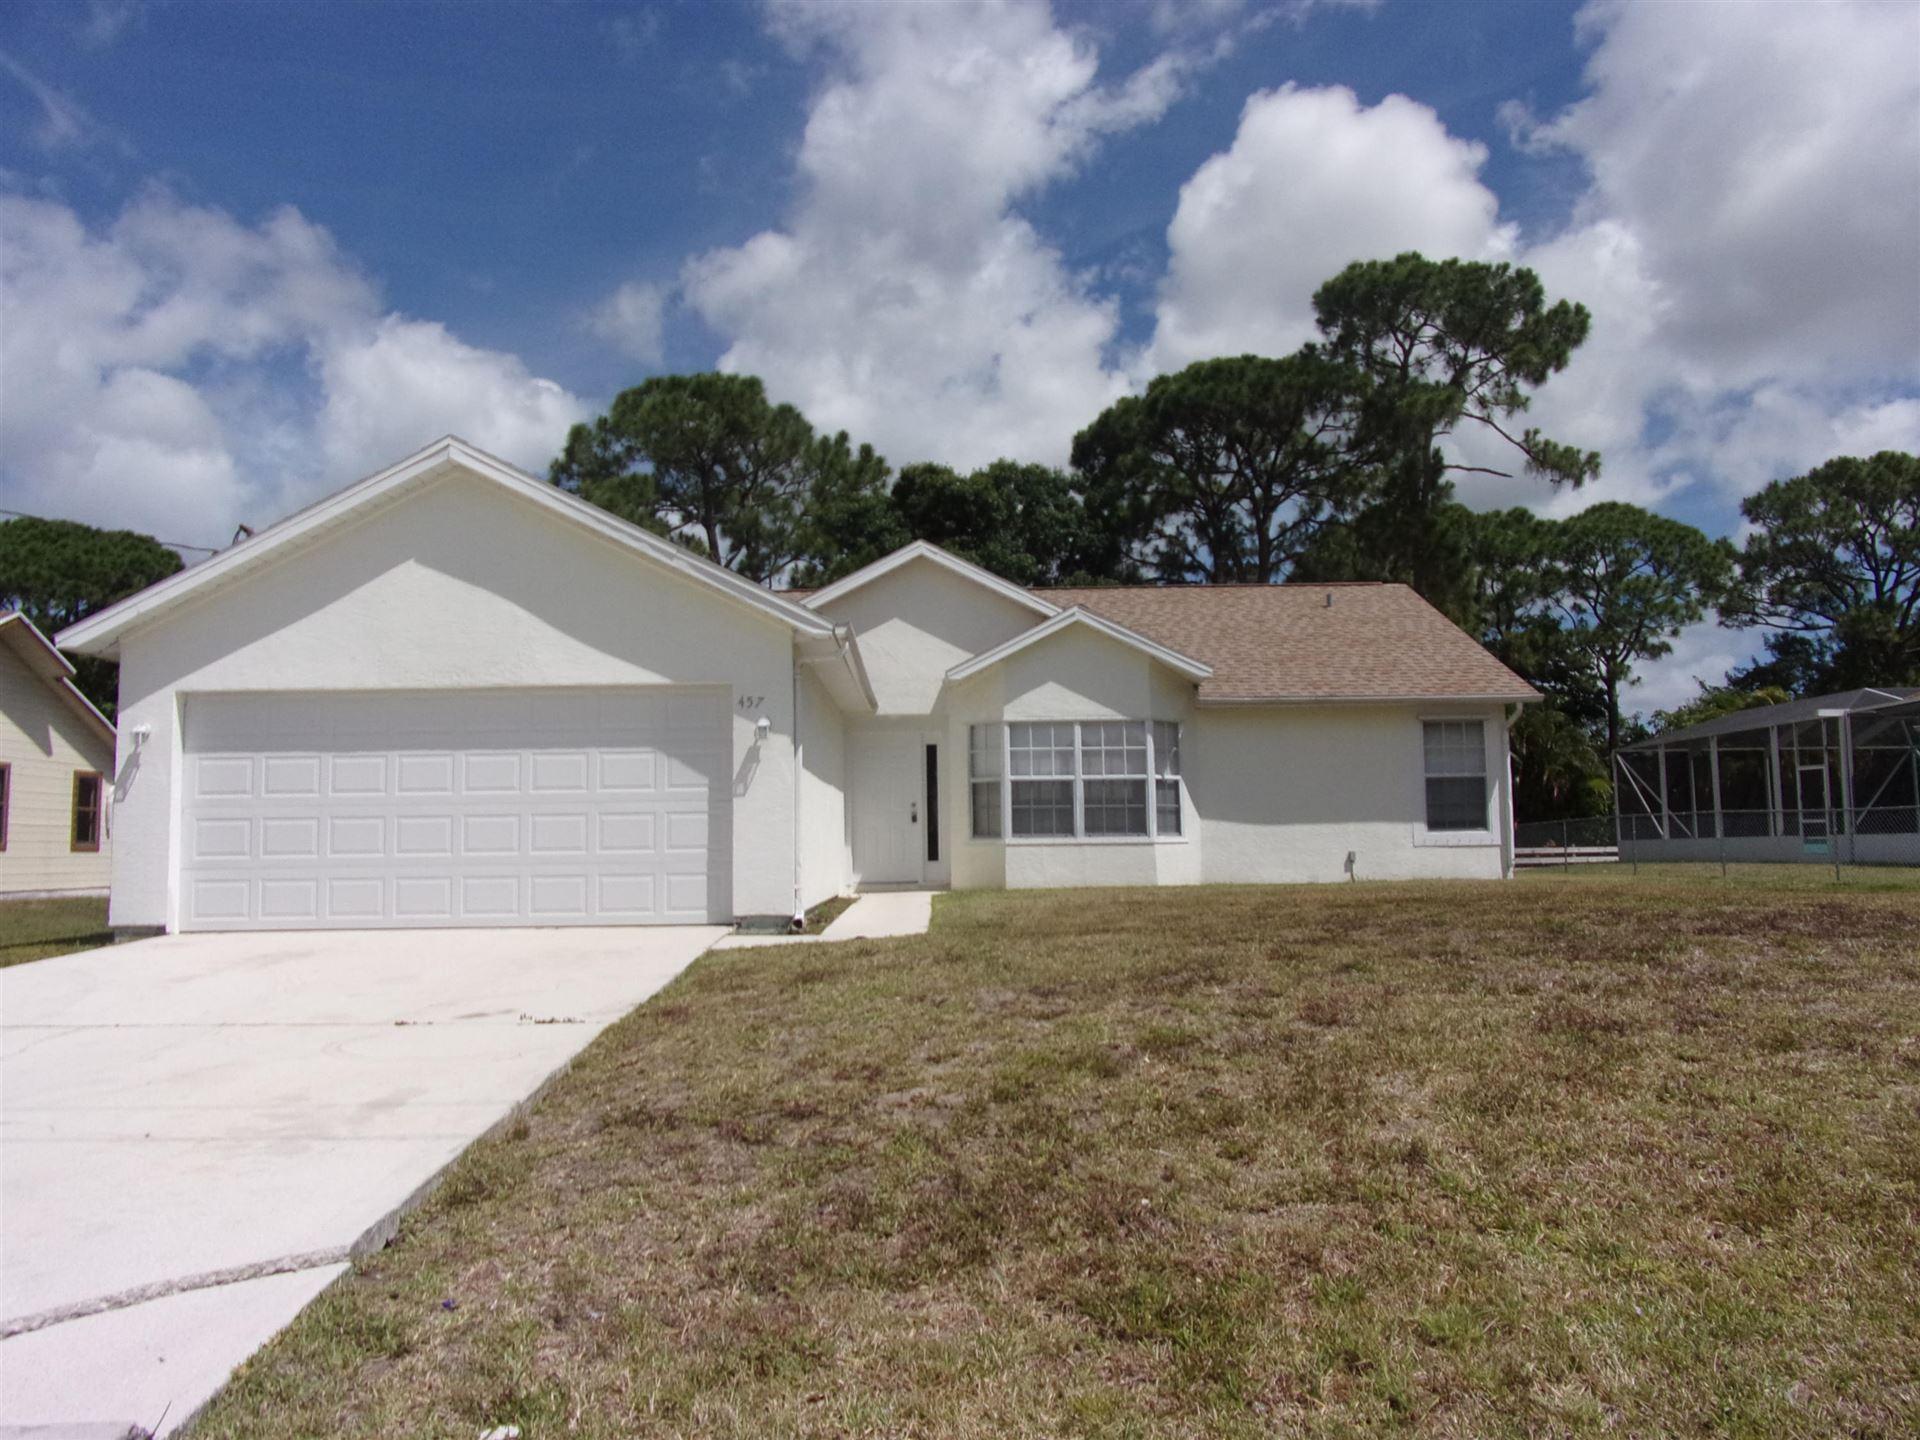 457 SE Voltair Terrace, Port Saint Lucie, FL 34983 - MLS#: RX-10716808